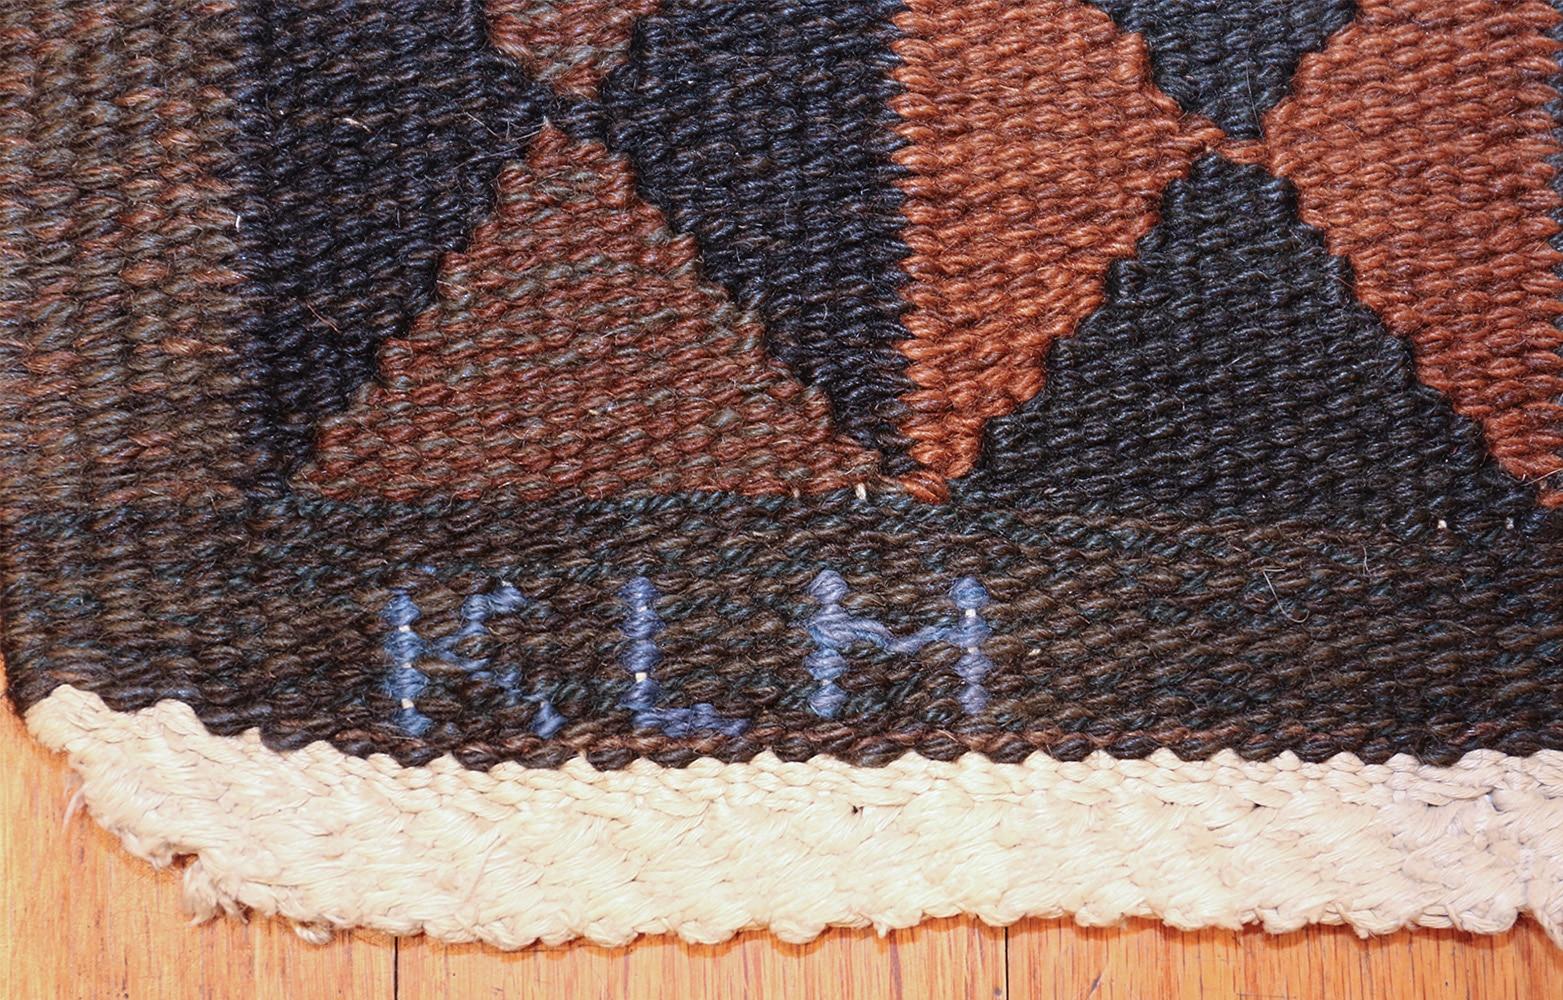 geometric vintage scandinavian rug by kristianstad lans hemslöjd 49587 klm Nazmiyal